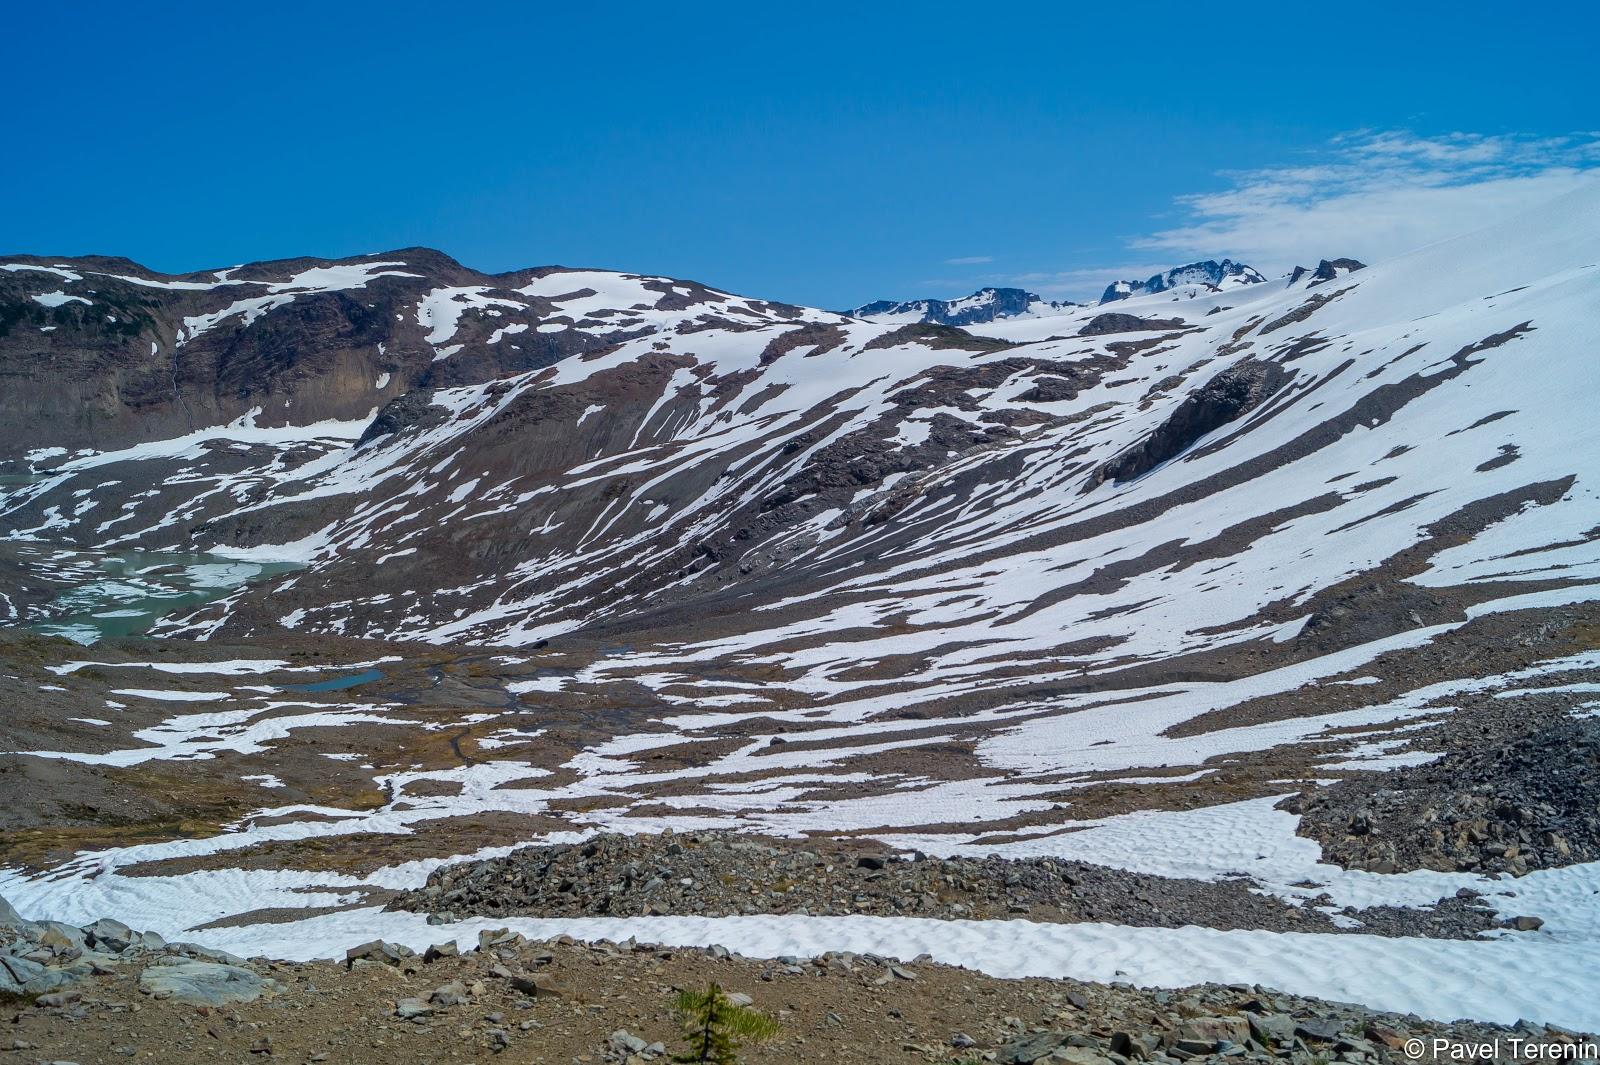 Чем выше мы забирались, тем пейзаж становился более снежным и пустынным